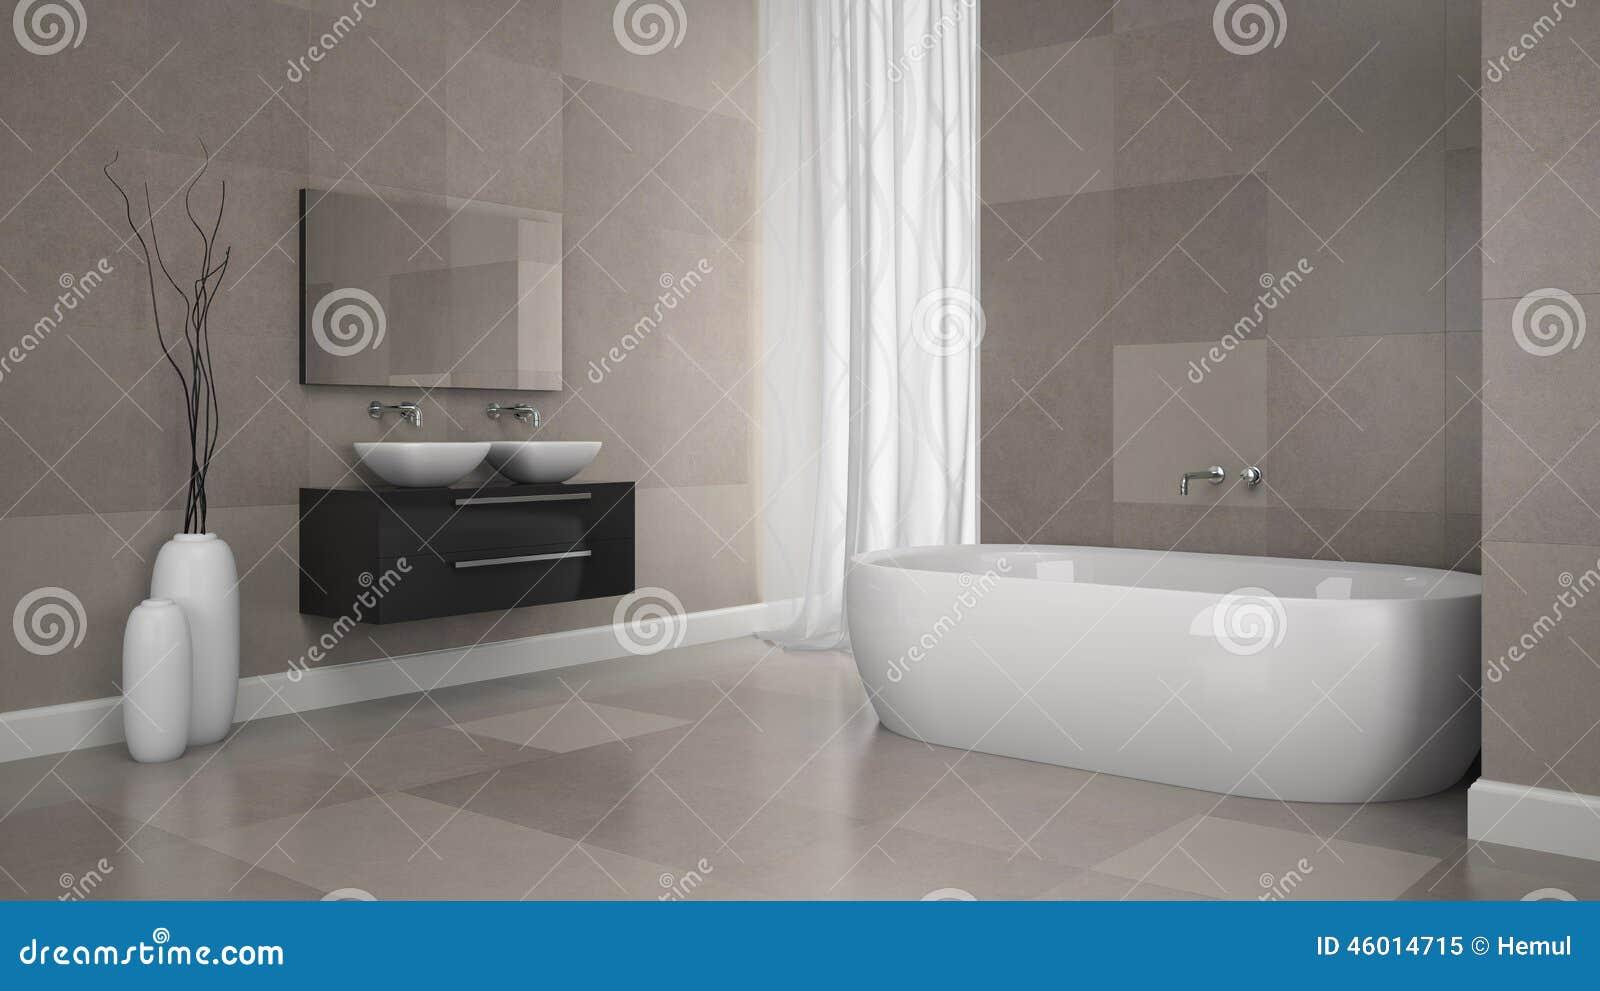 Linterno del bagno moderno con granito piastrella la parete